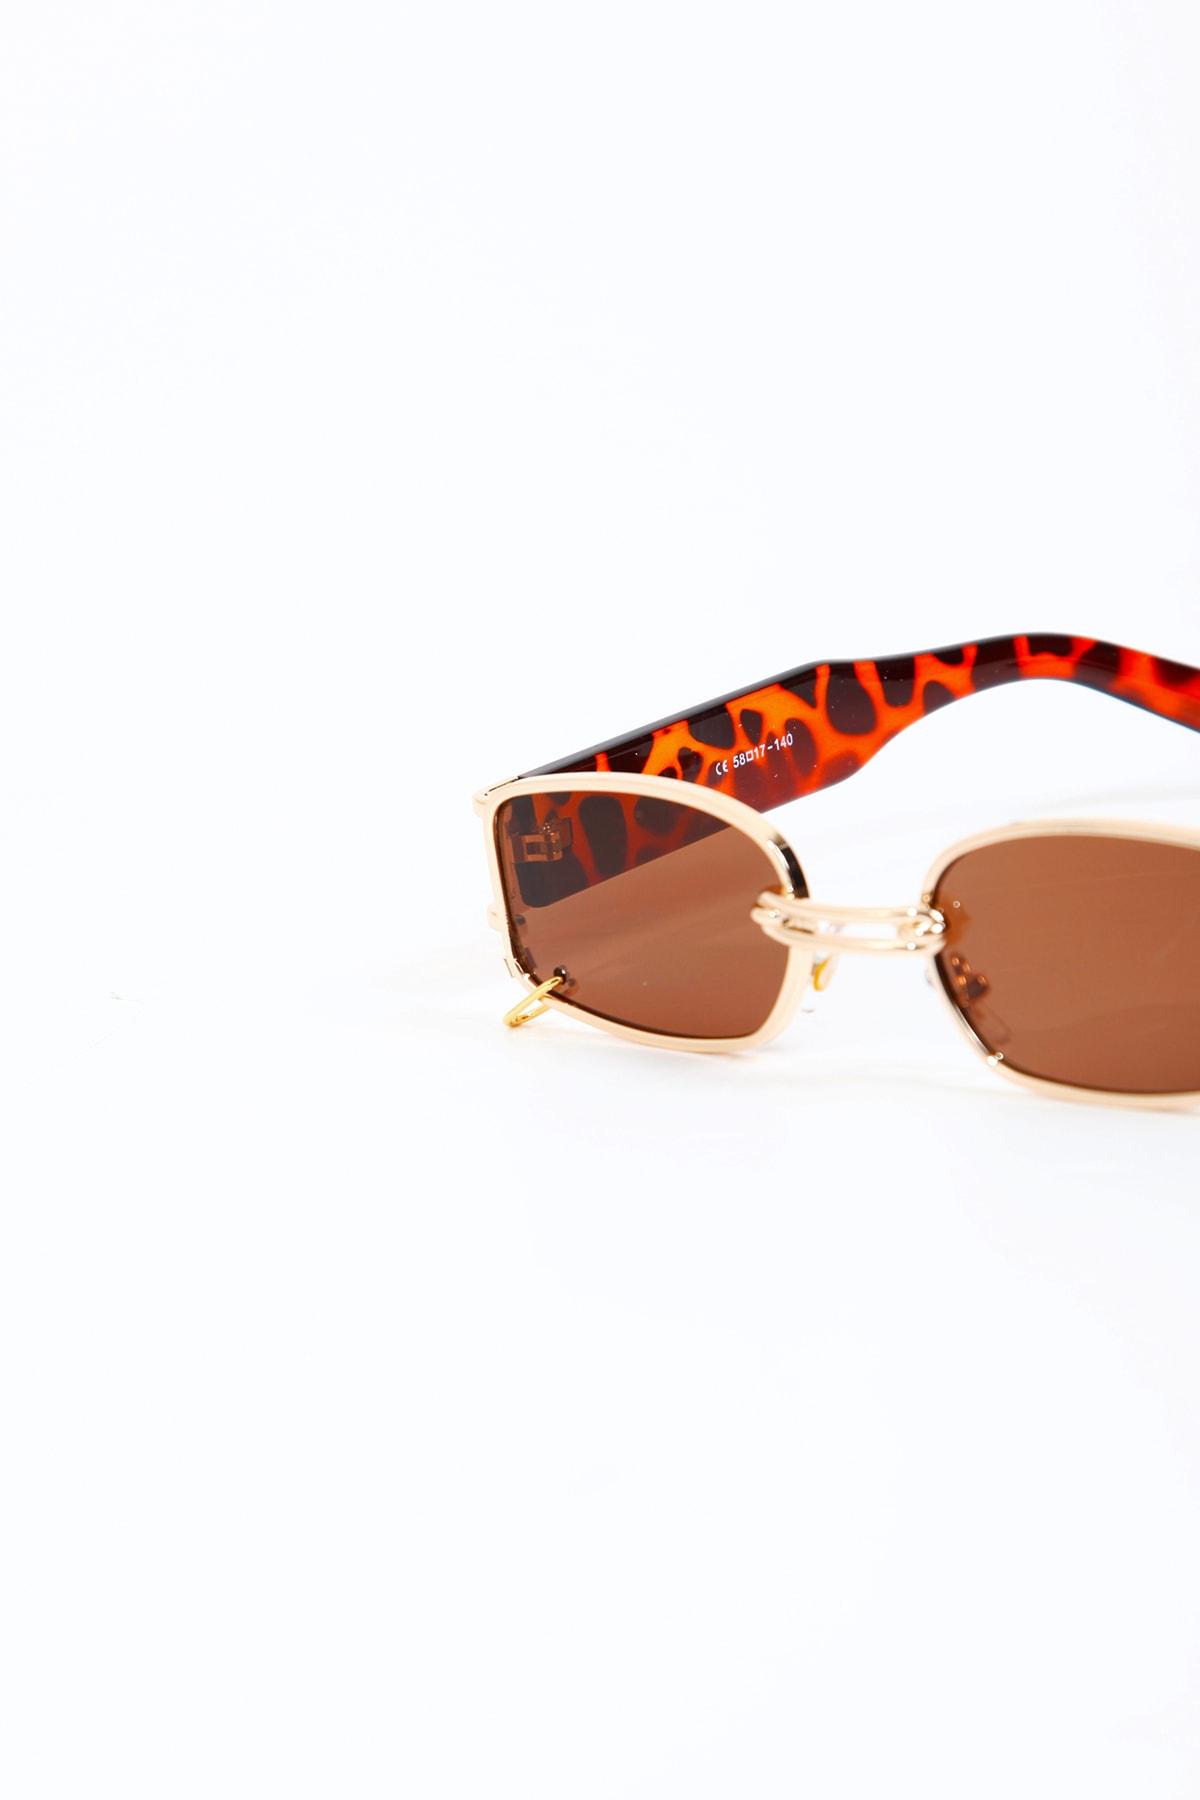 مدل عینک آفتابی 2020 برند Kapin رنگ قهوه ای کد ty117328819